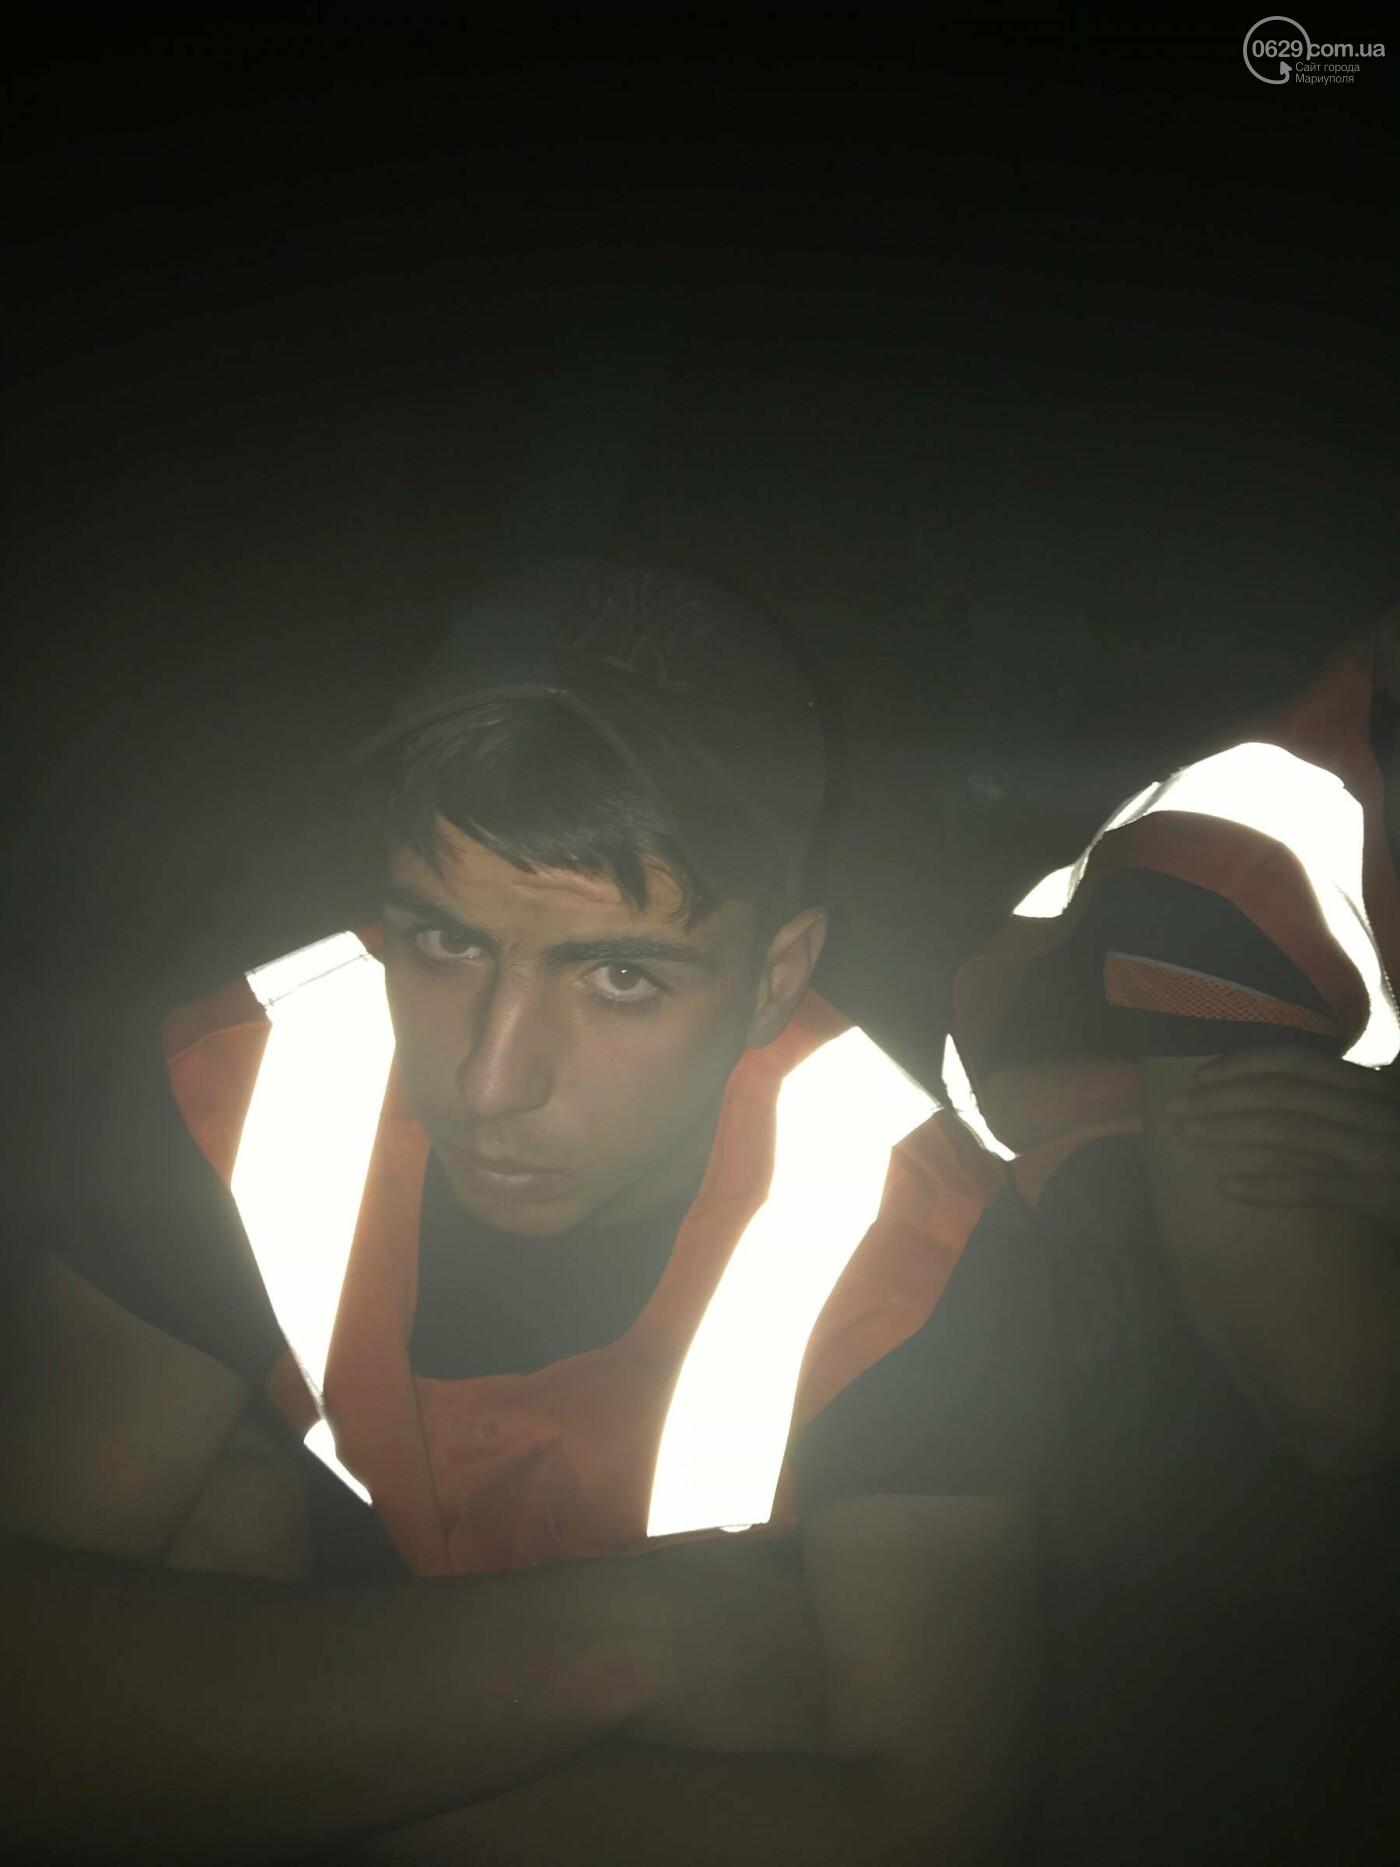 В Мариуполе сотрудники охранного предприятия задержали воров при попытке разобрать железнодорожное полотно, - ФОТО, фото-8